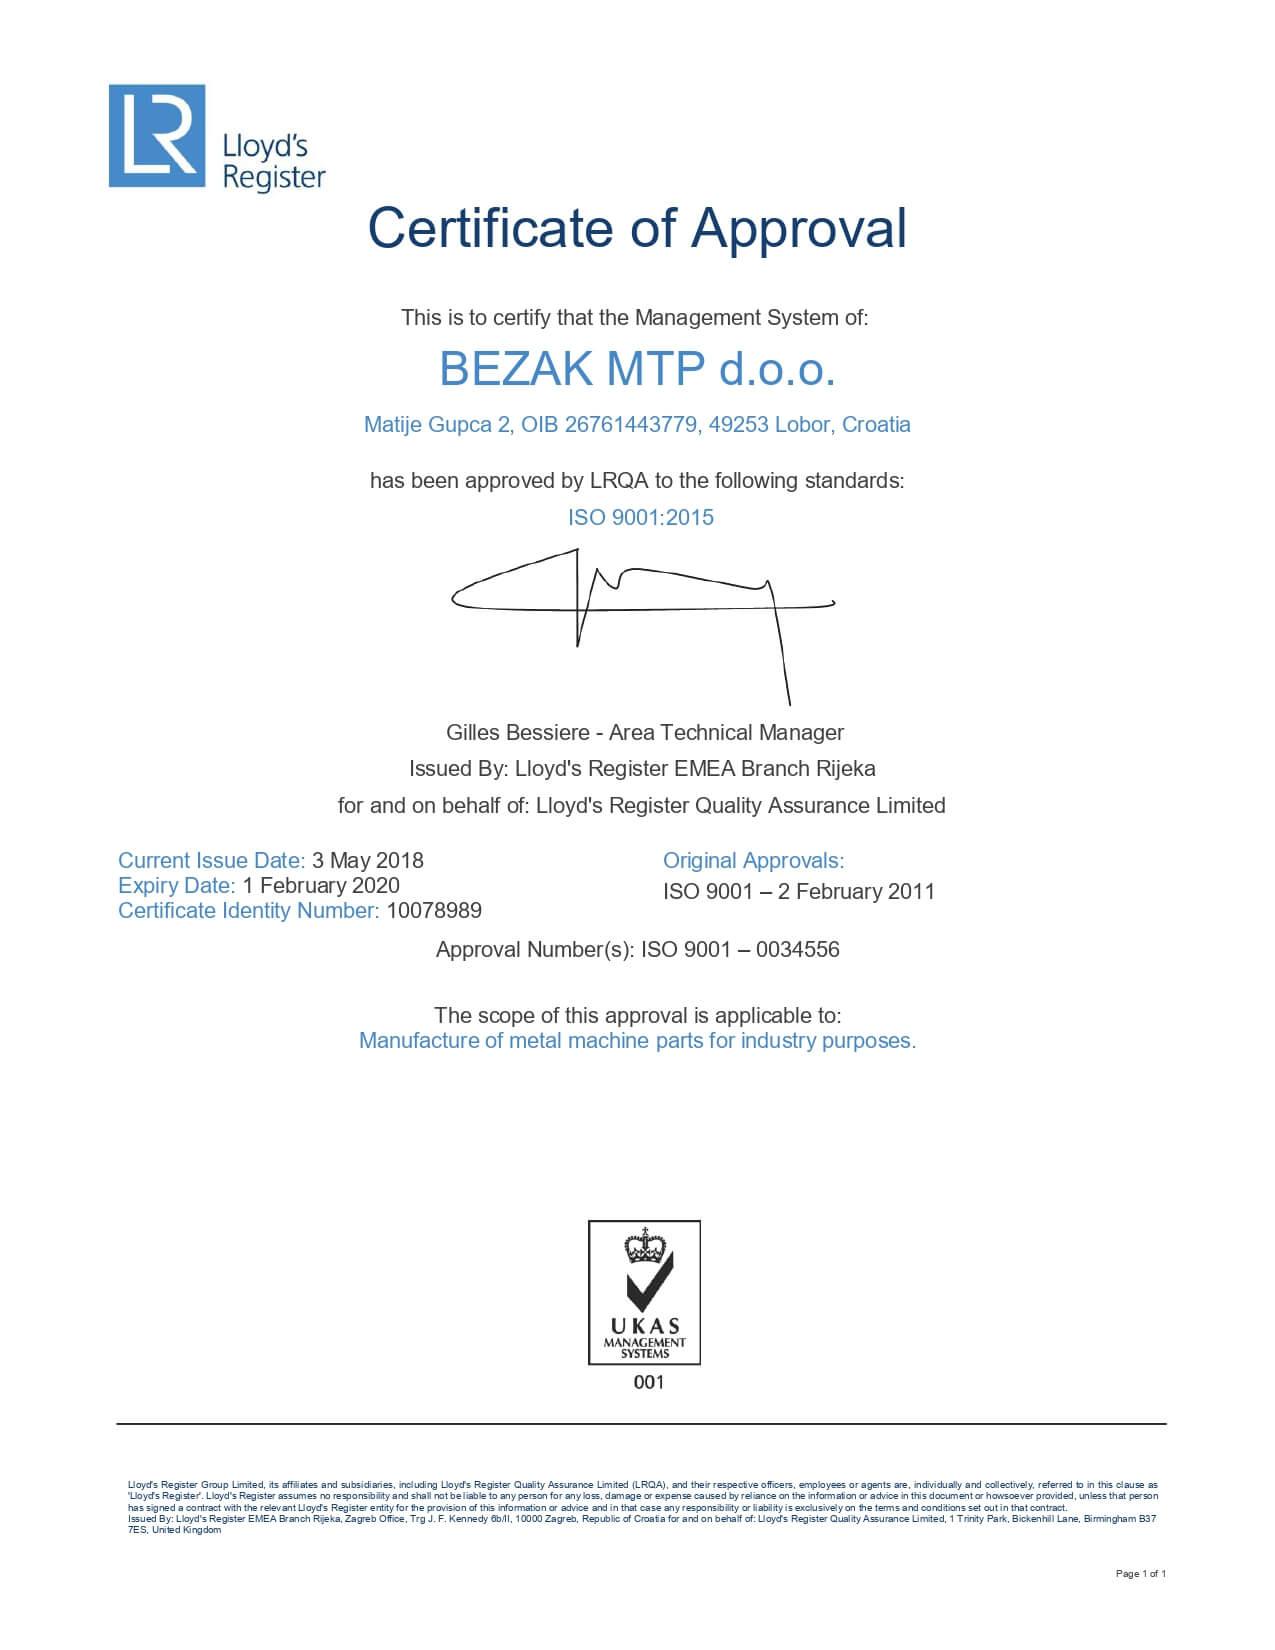 Awards and certificates bezak mtp d.o.o